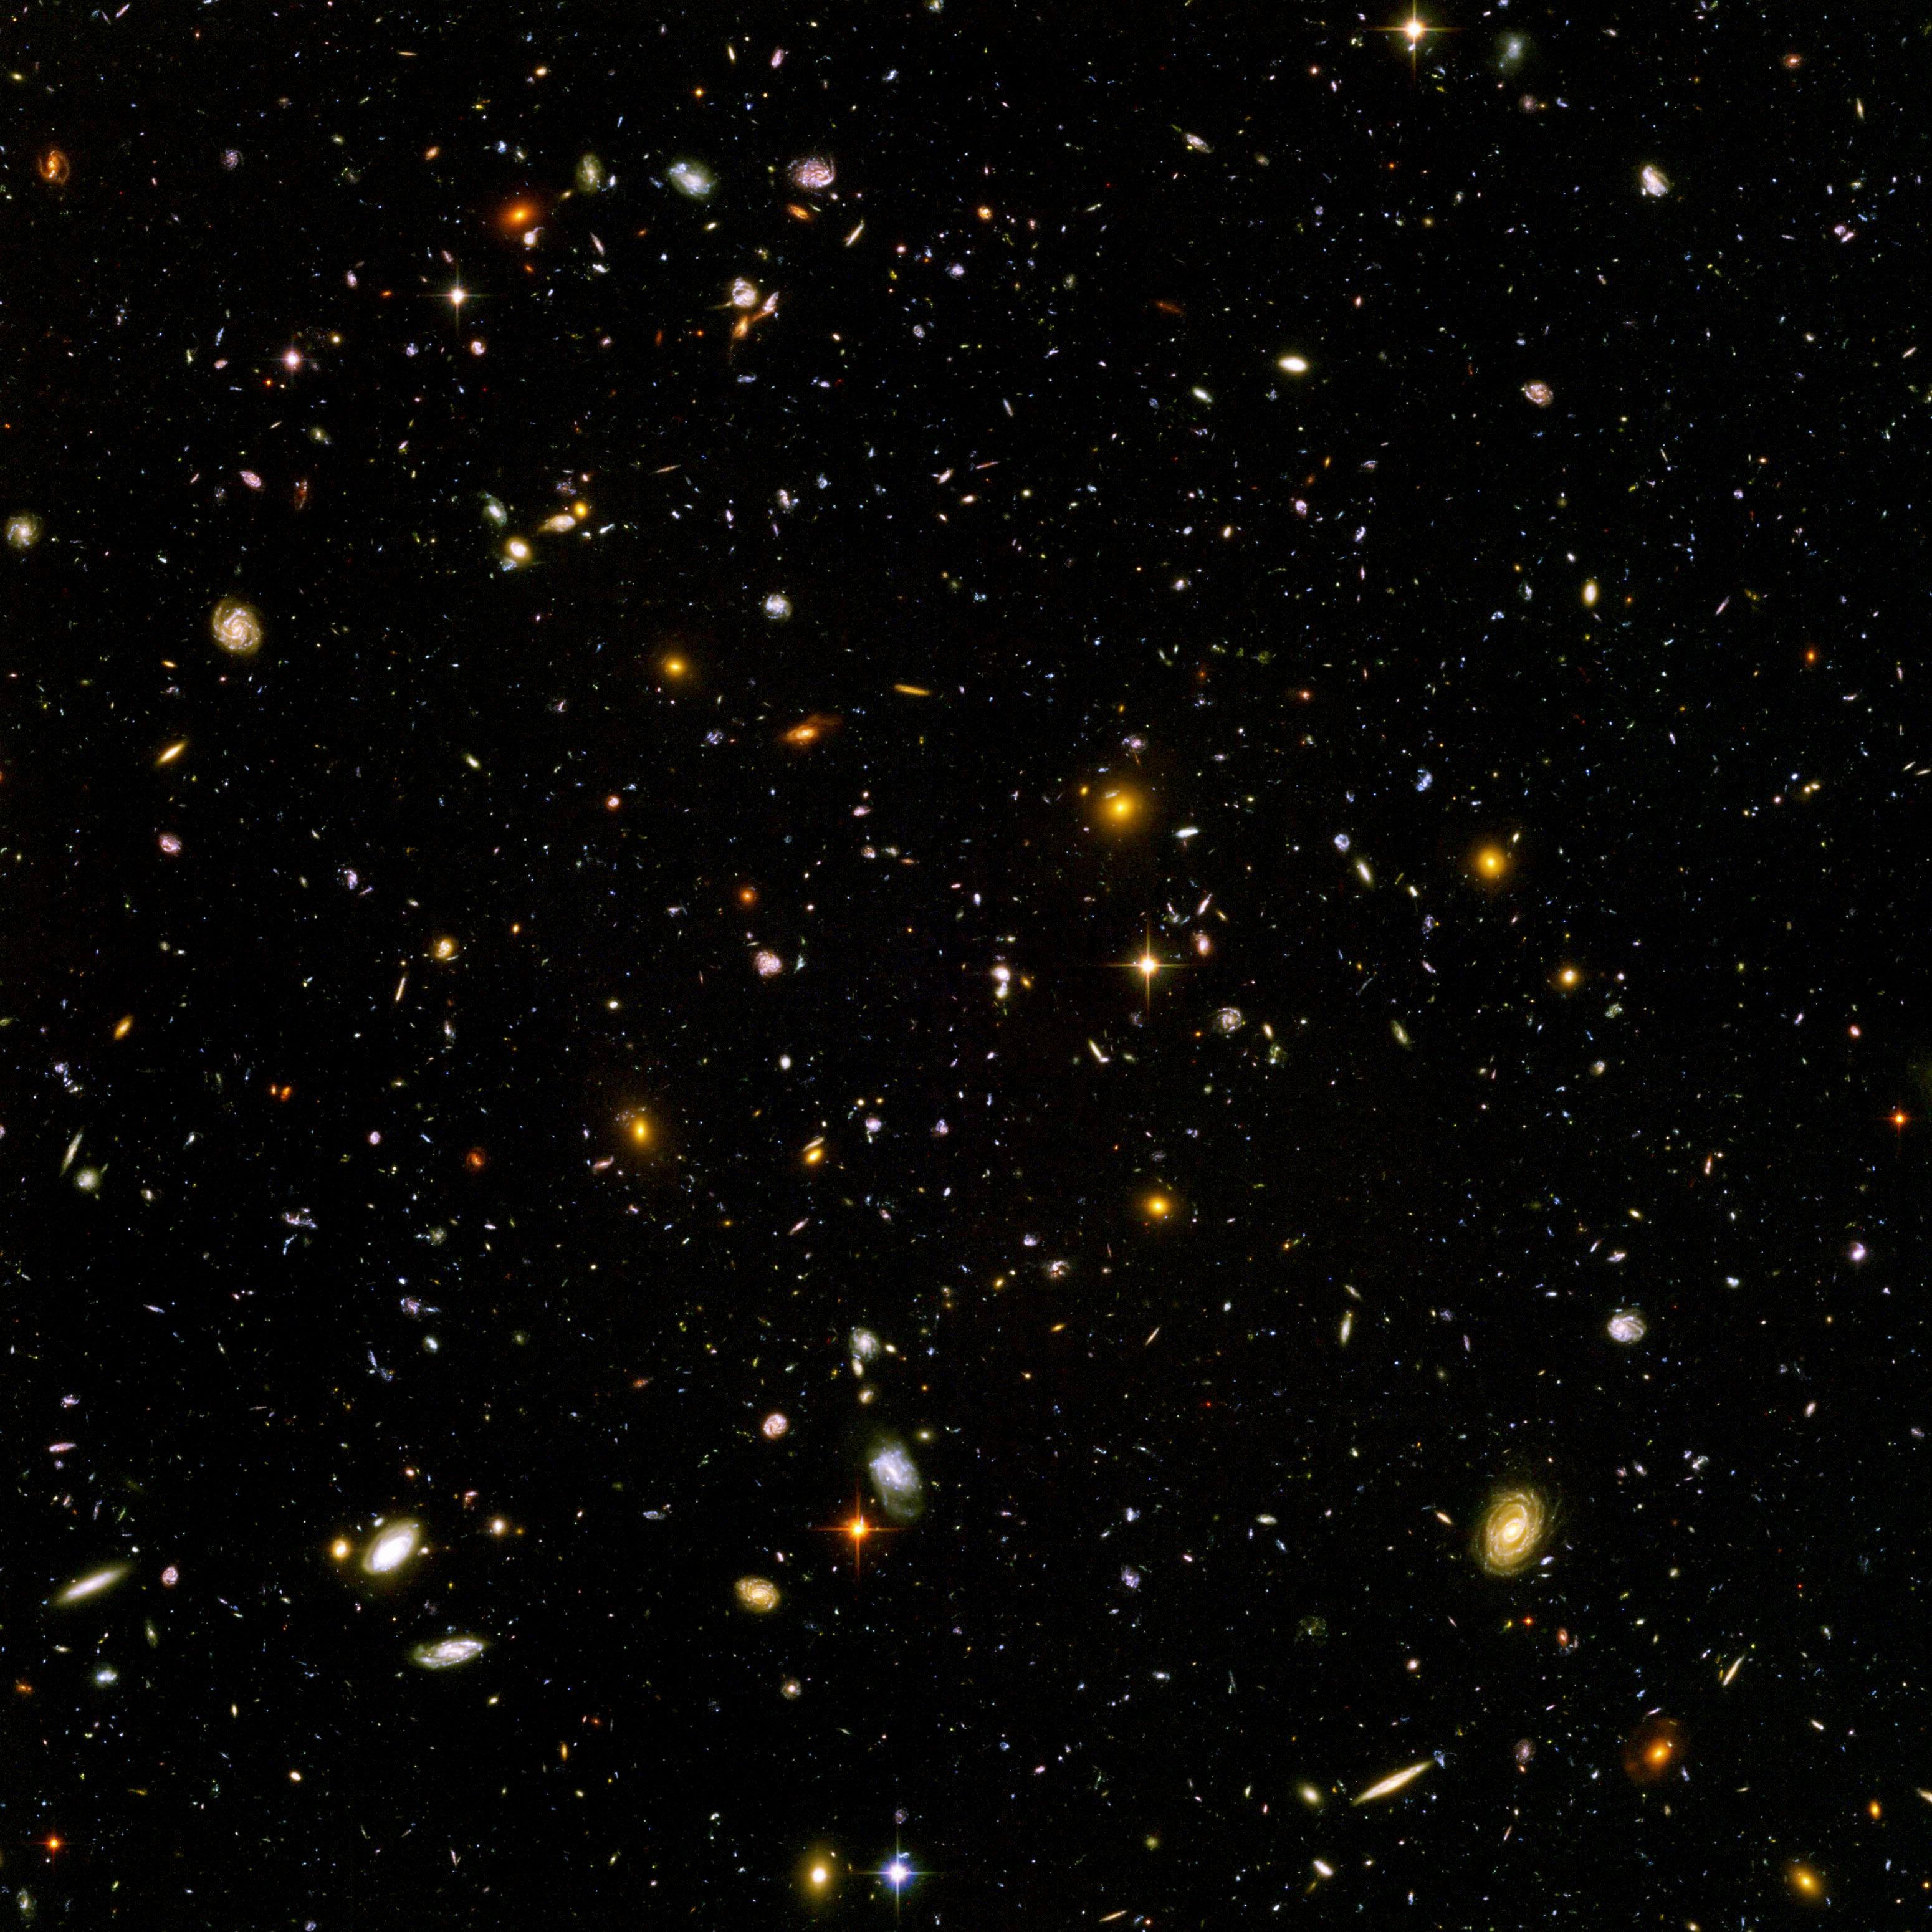 piccolissima porzione ultra profonda del campo visivo spaziale di Hubble